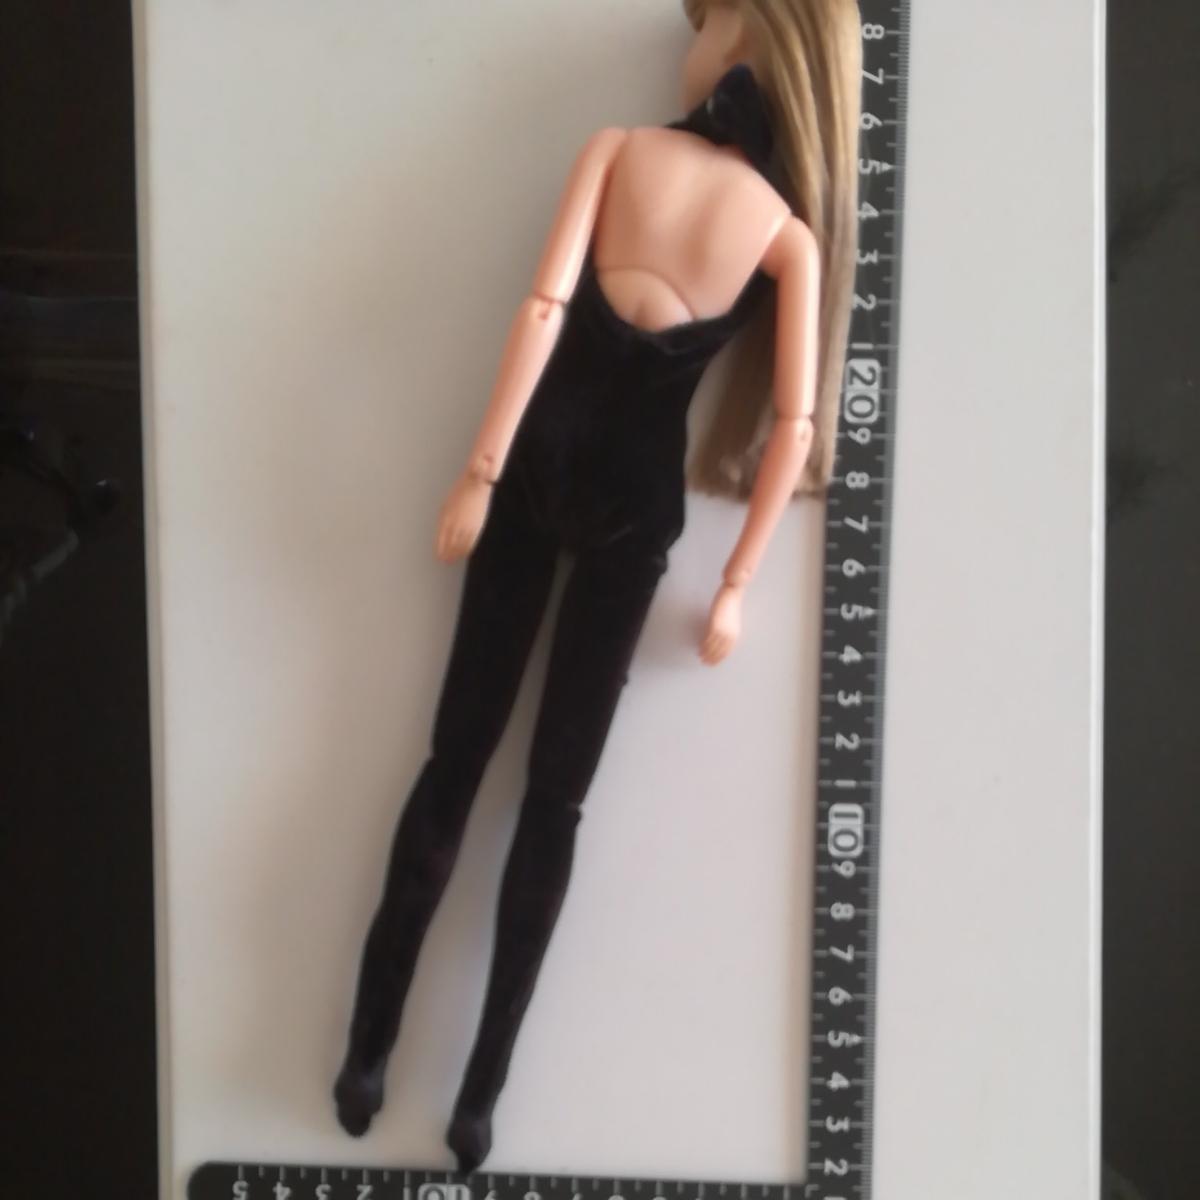 人形用 黒 ベロア ボディコン ハイネック 伸縮性あり ボディスーツ オールインワン 27cm ストレッチ ブラック 1/6ドール momoko バービー_画像5